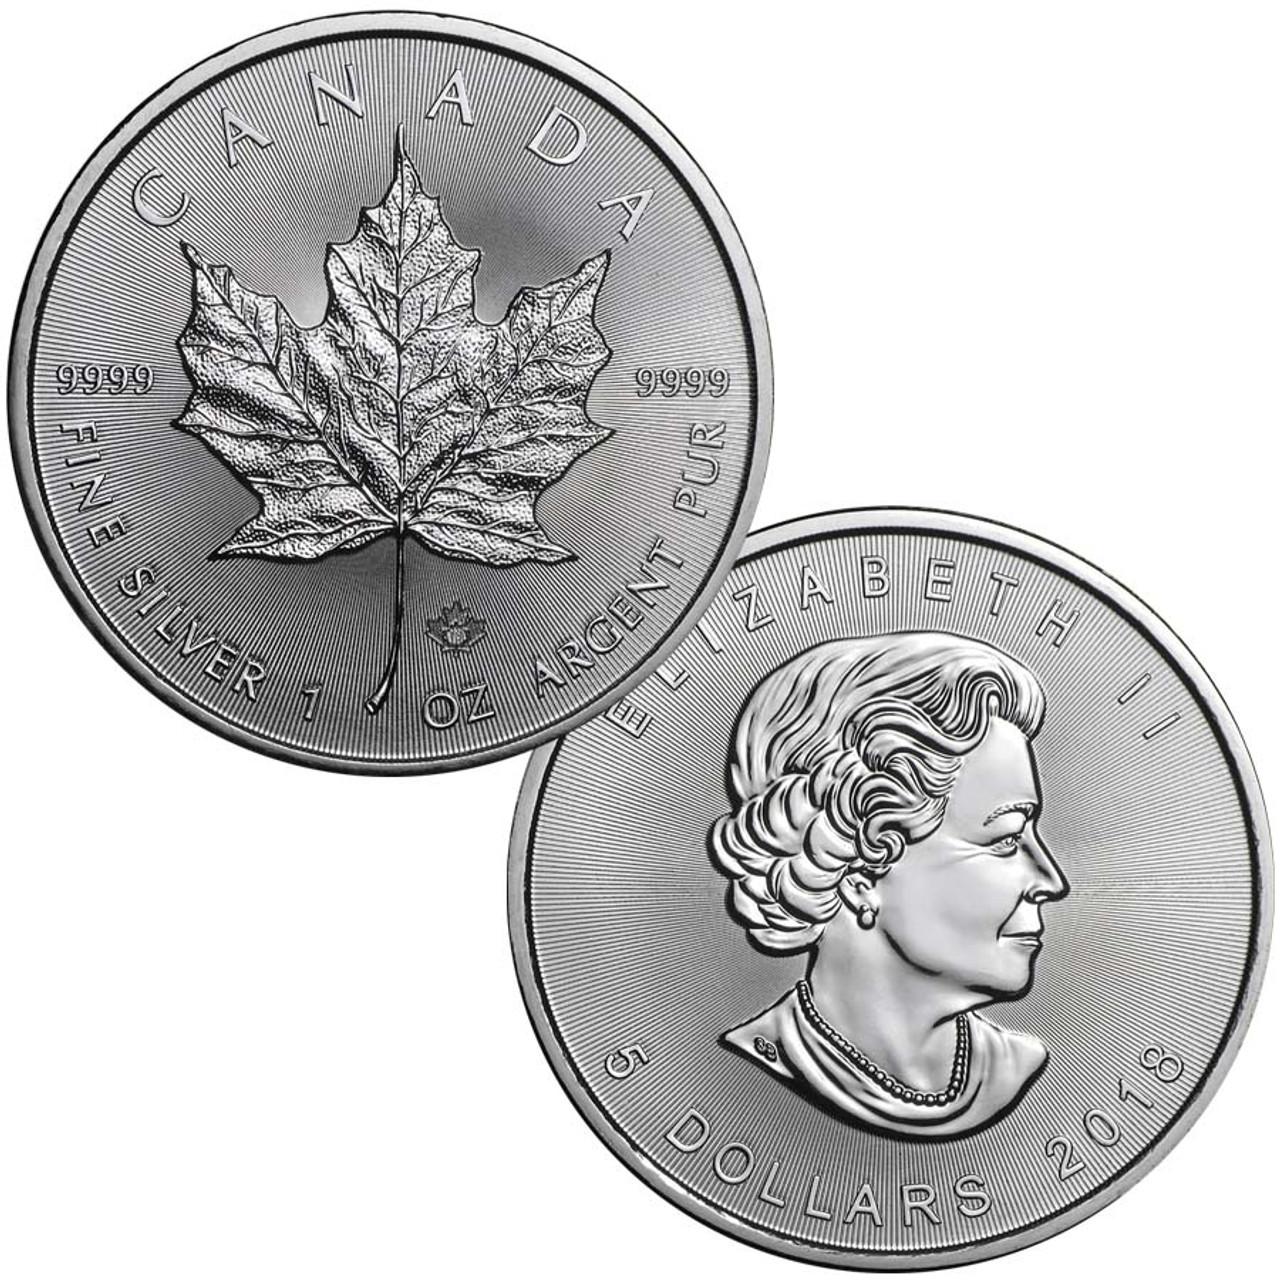 Canada 2018 Maple Leaf 1-Oz. Silver Brilliant Uncirculated